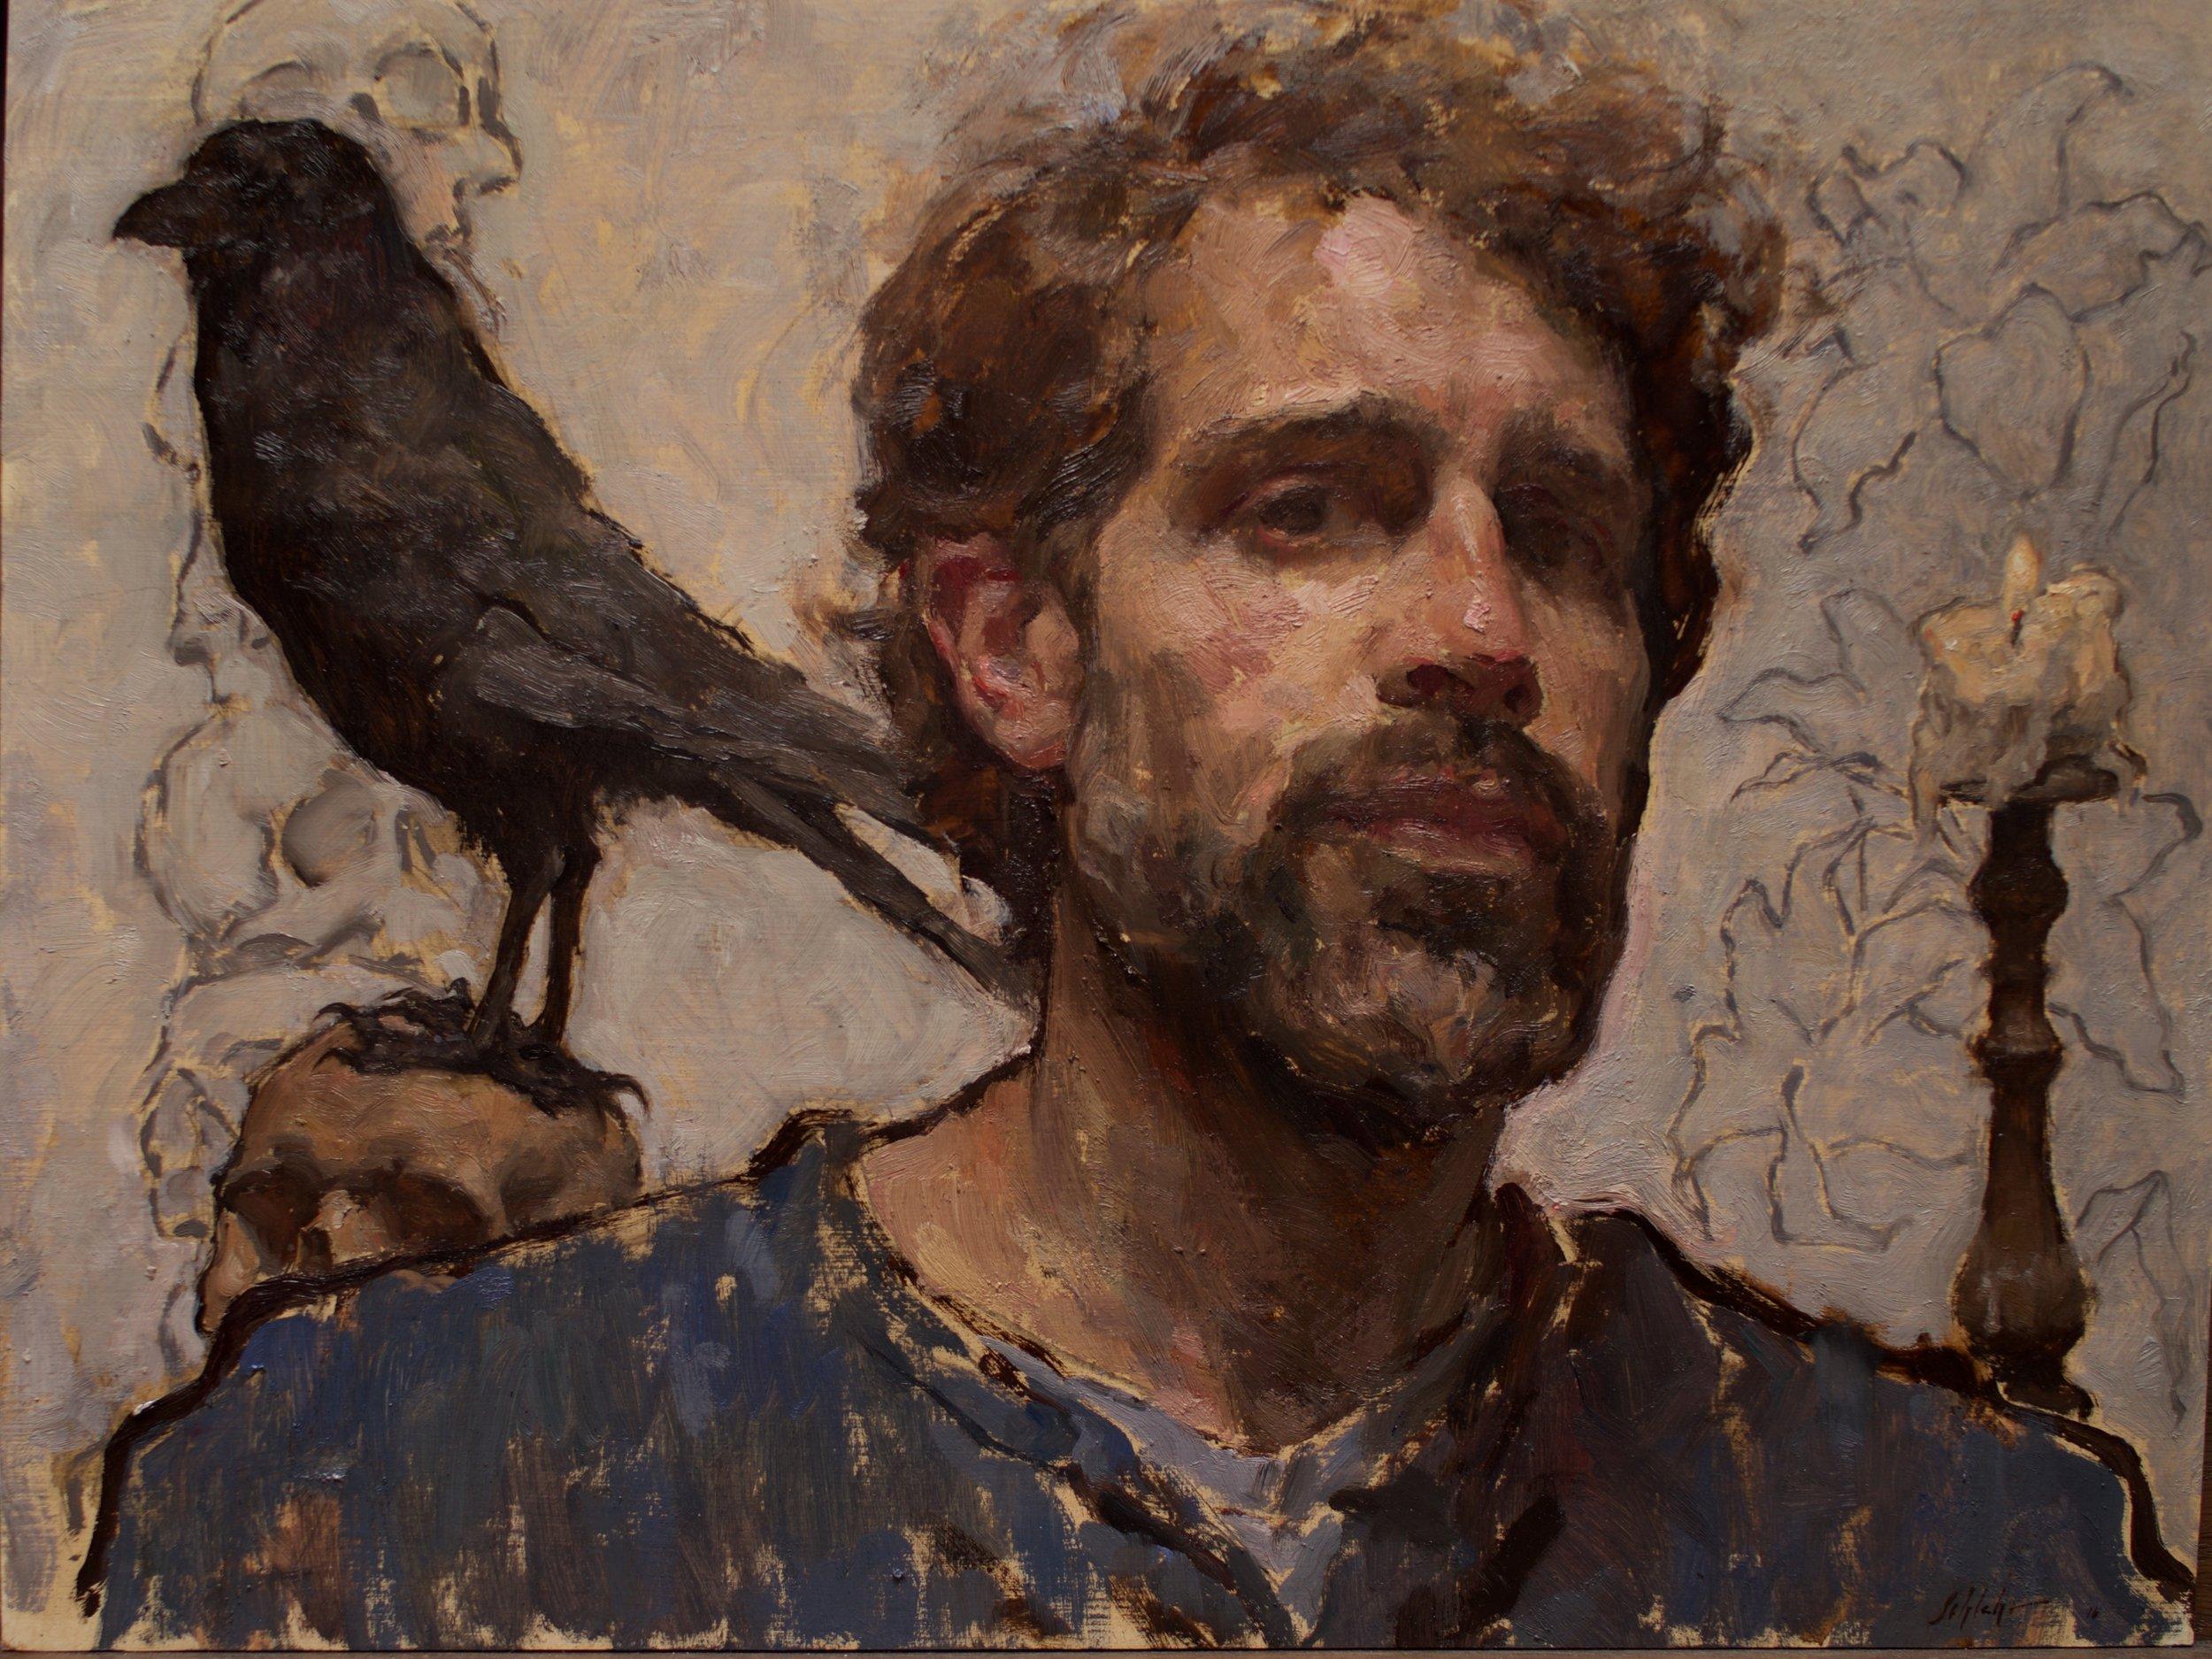 Travis Schlaht, Self Portrait